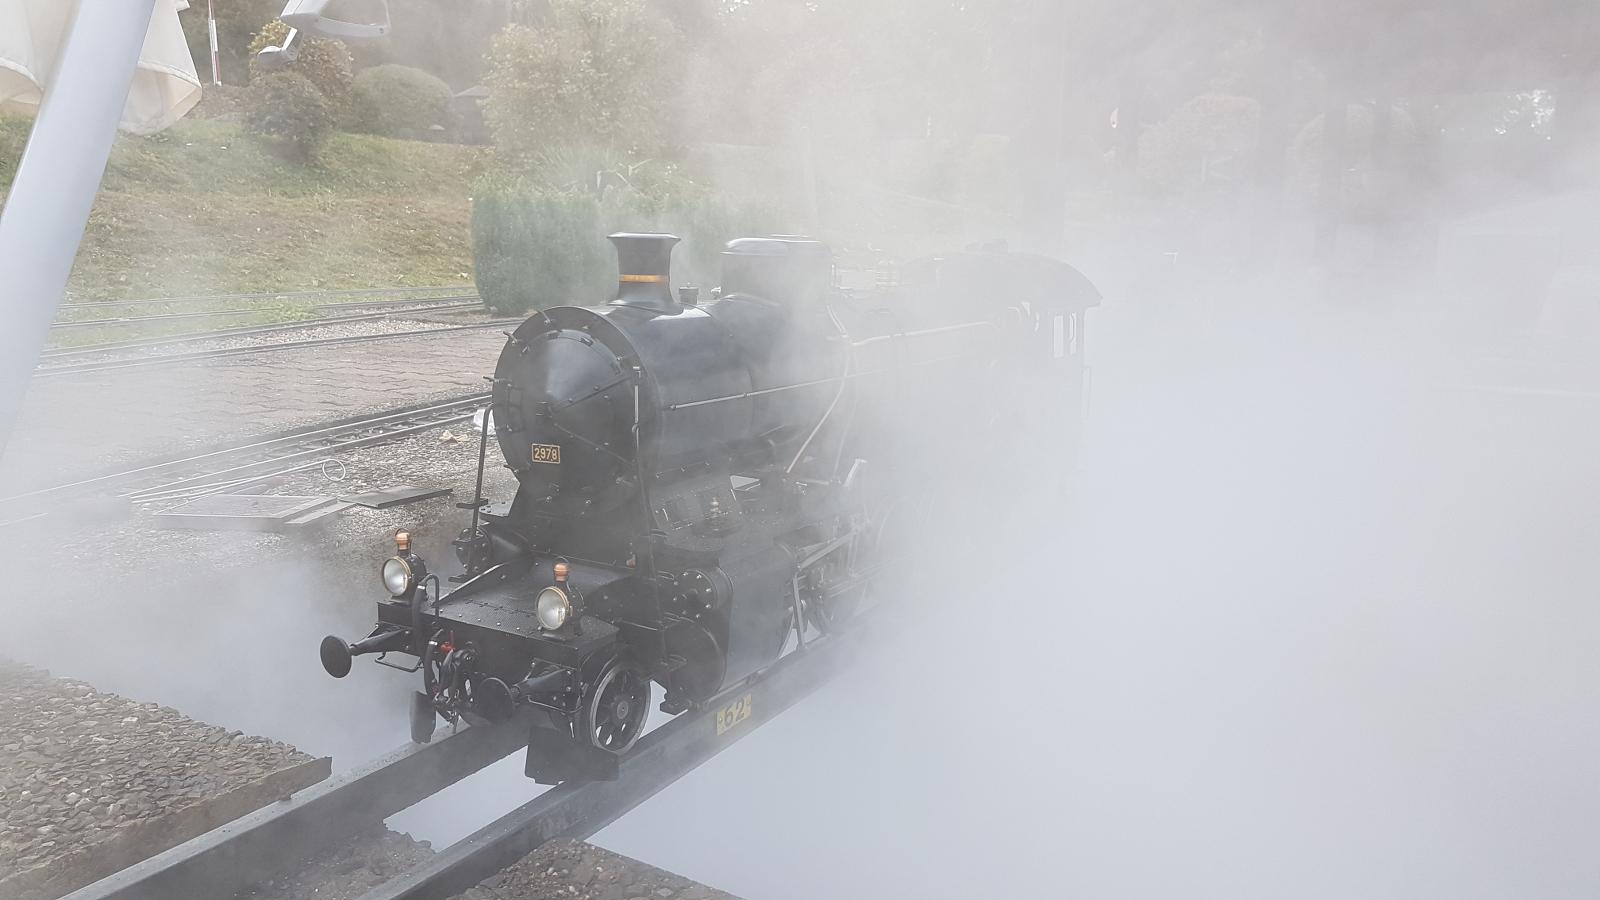 Zum Abschluss der Fahrsaison wird auch bei der C 5/6 2978 der Dampf abgelassen